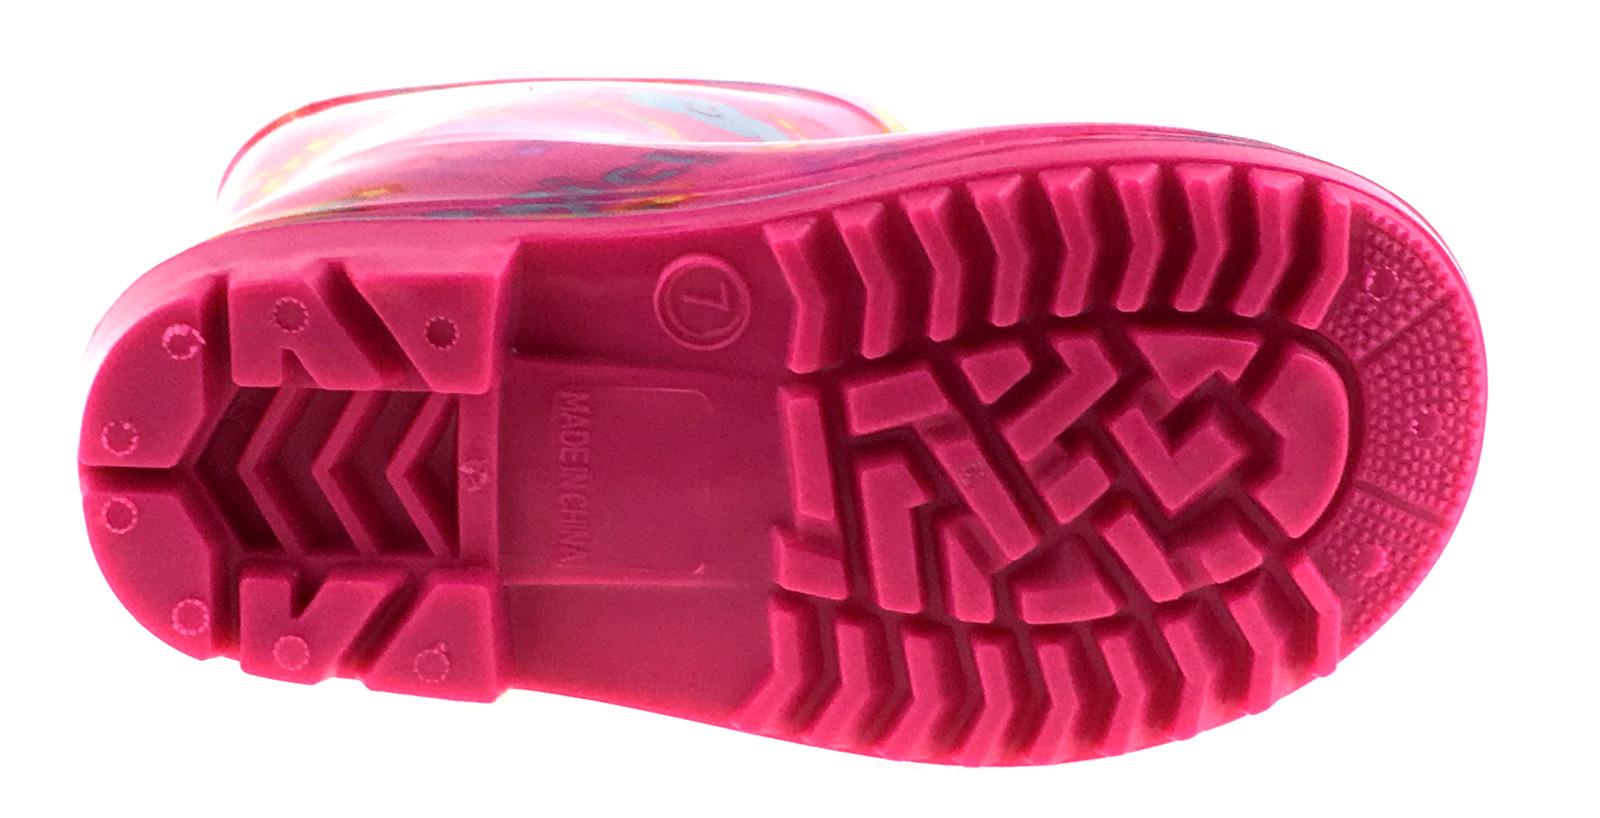 Girls-Peppa-Pig-Wellington-Boots-Mid-Calf-Gitter-Snow-Rain-Wellies-Kids-Size Indexbild 27